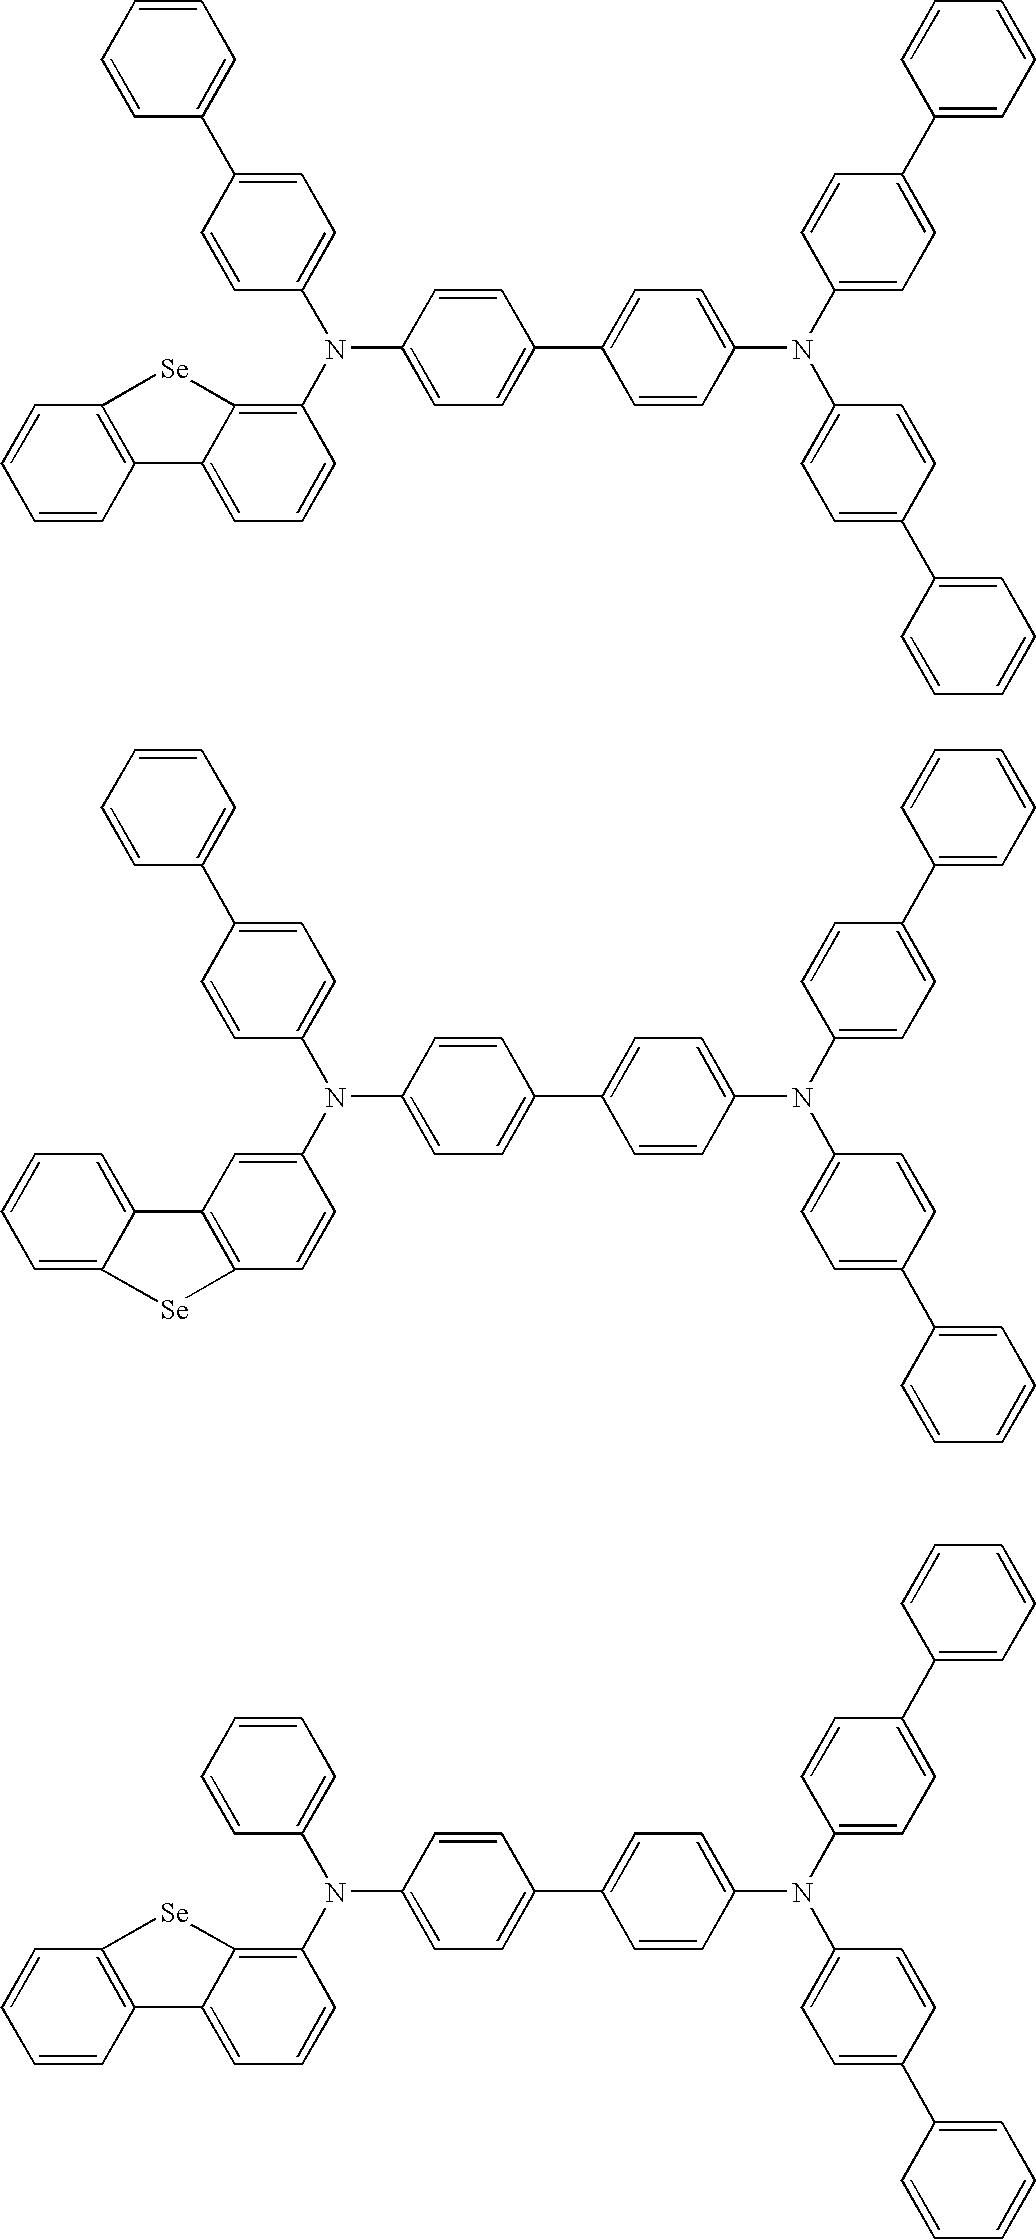 Figure US20100072887A1-20100325-C00245